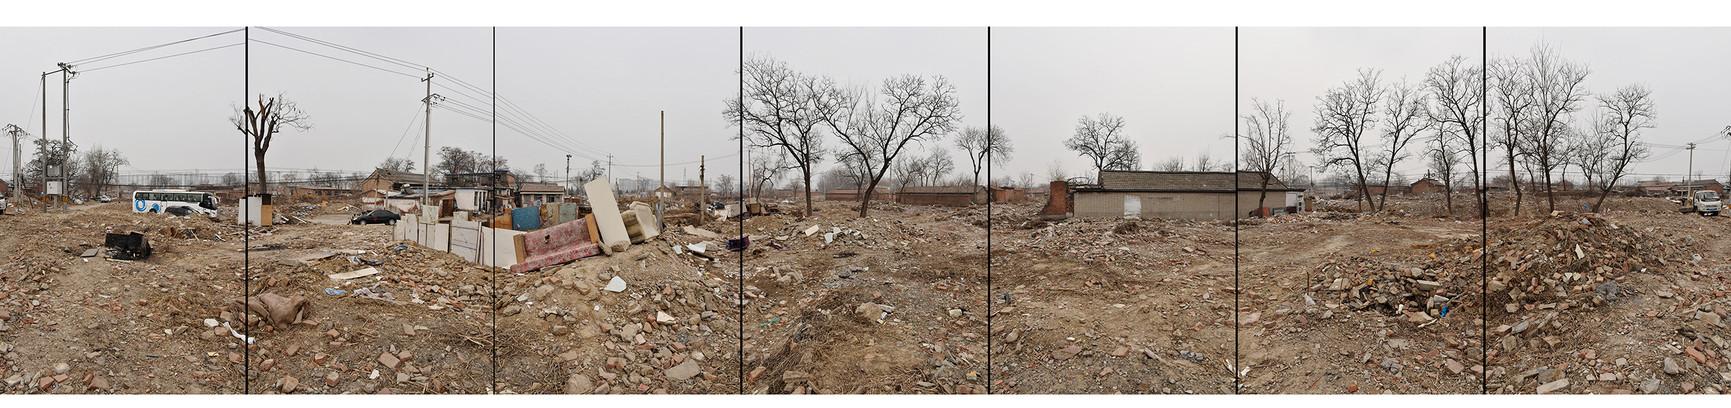 北京废墟19.jpg